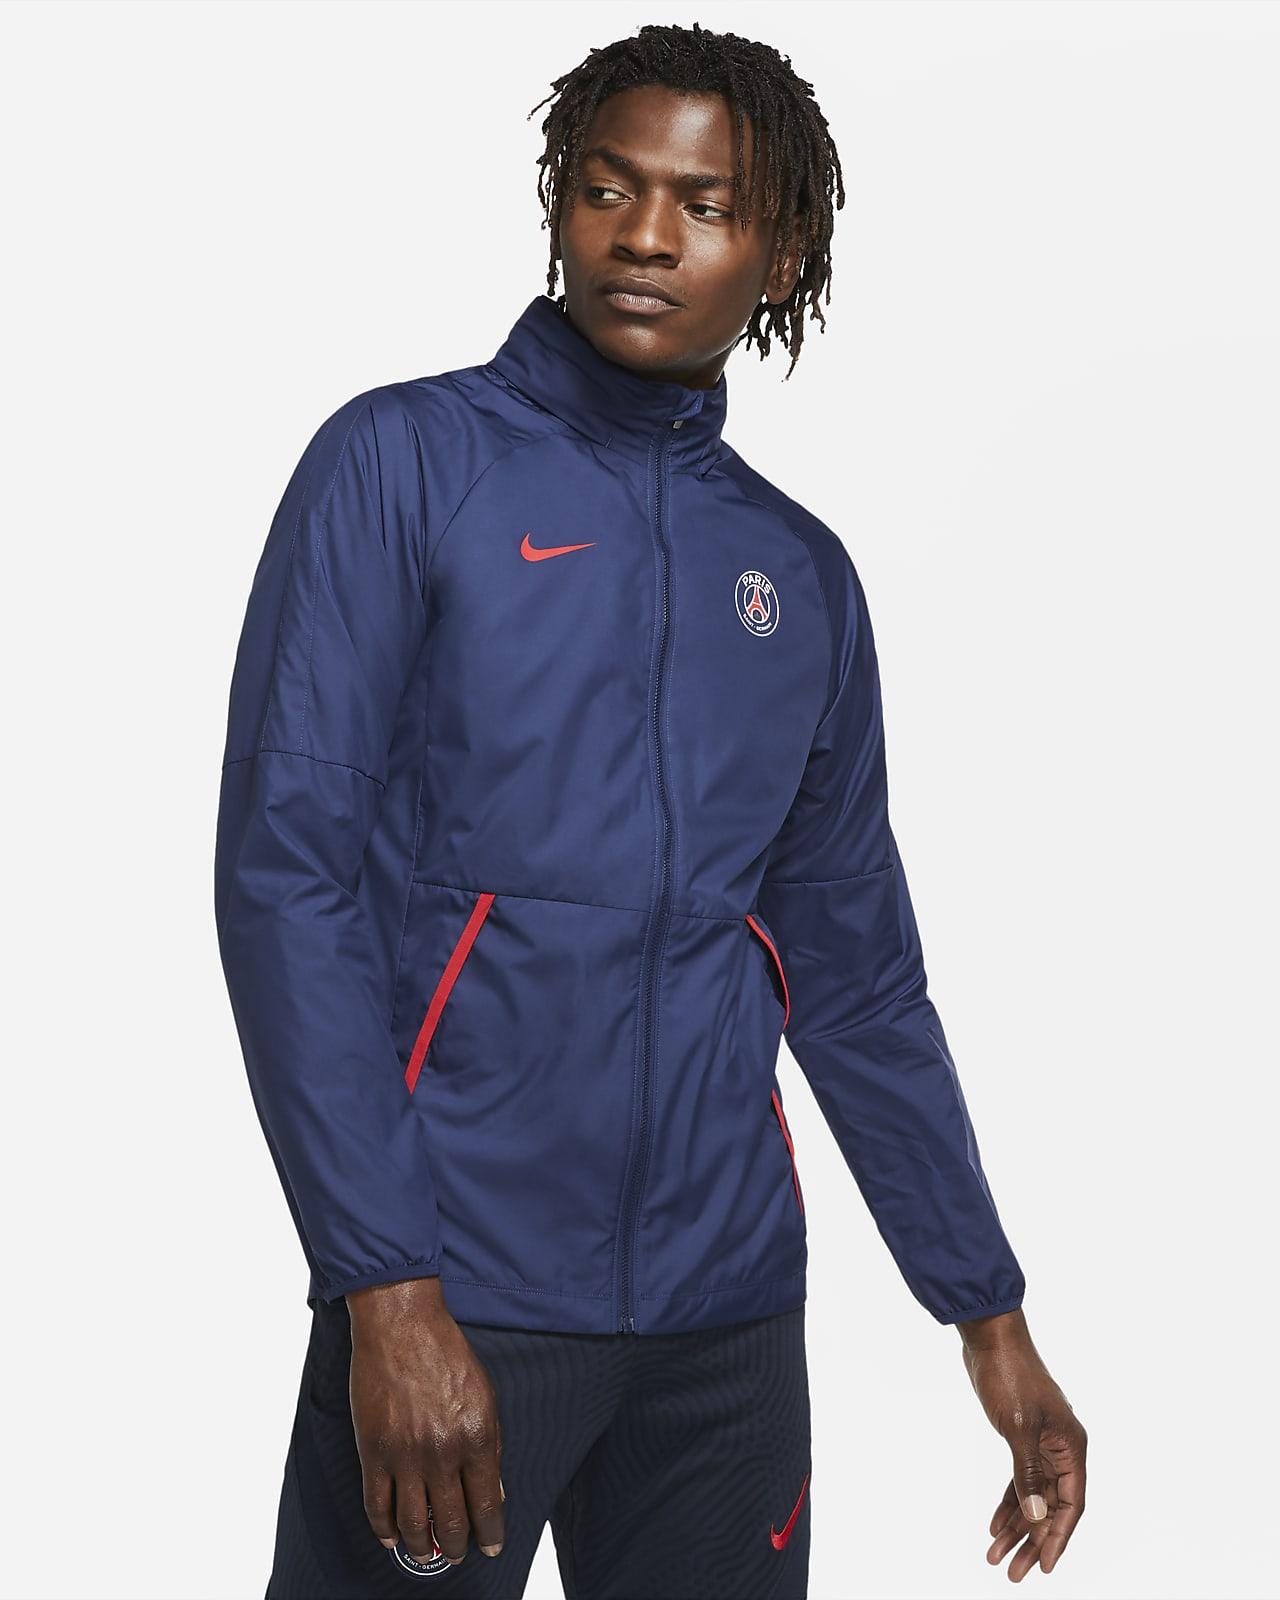 Ανδρικό ποδοσφαιρικό τζάκετ με σχέδιο Paris Saint-Germain Repel